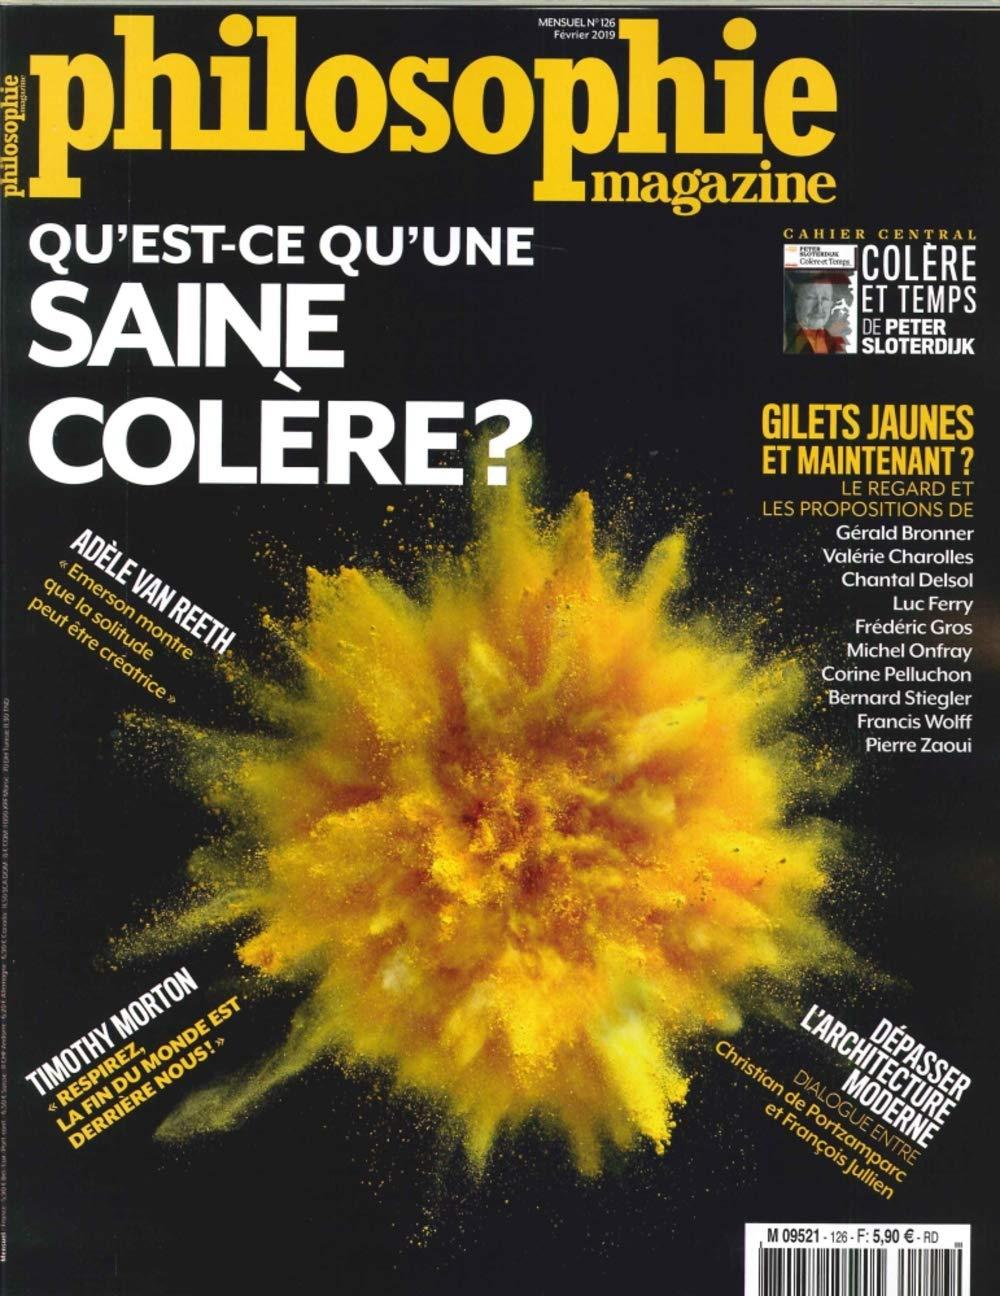 Philosophie Magazine N 126 - QuEst-Ce Quune Saine Colere ...